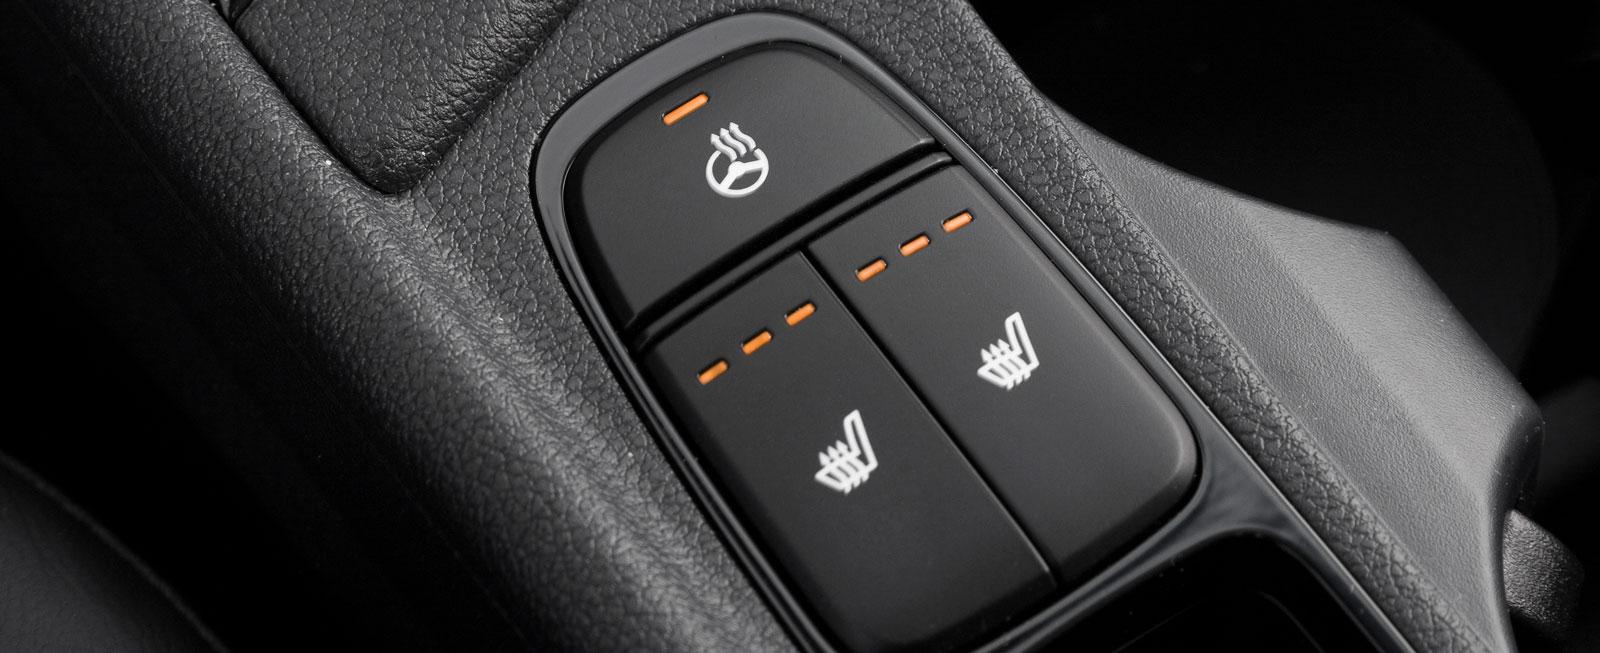 Kia har inte gömt självklara funktioner bakom någon skärm – tack för dessa rejäla knappar!